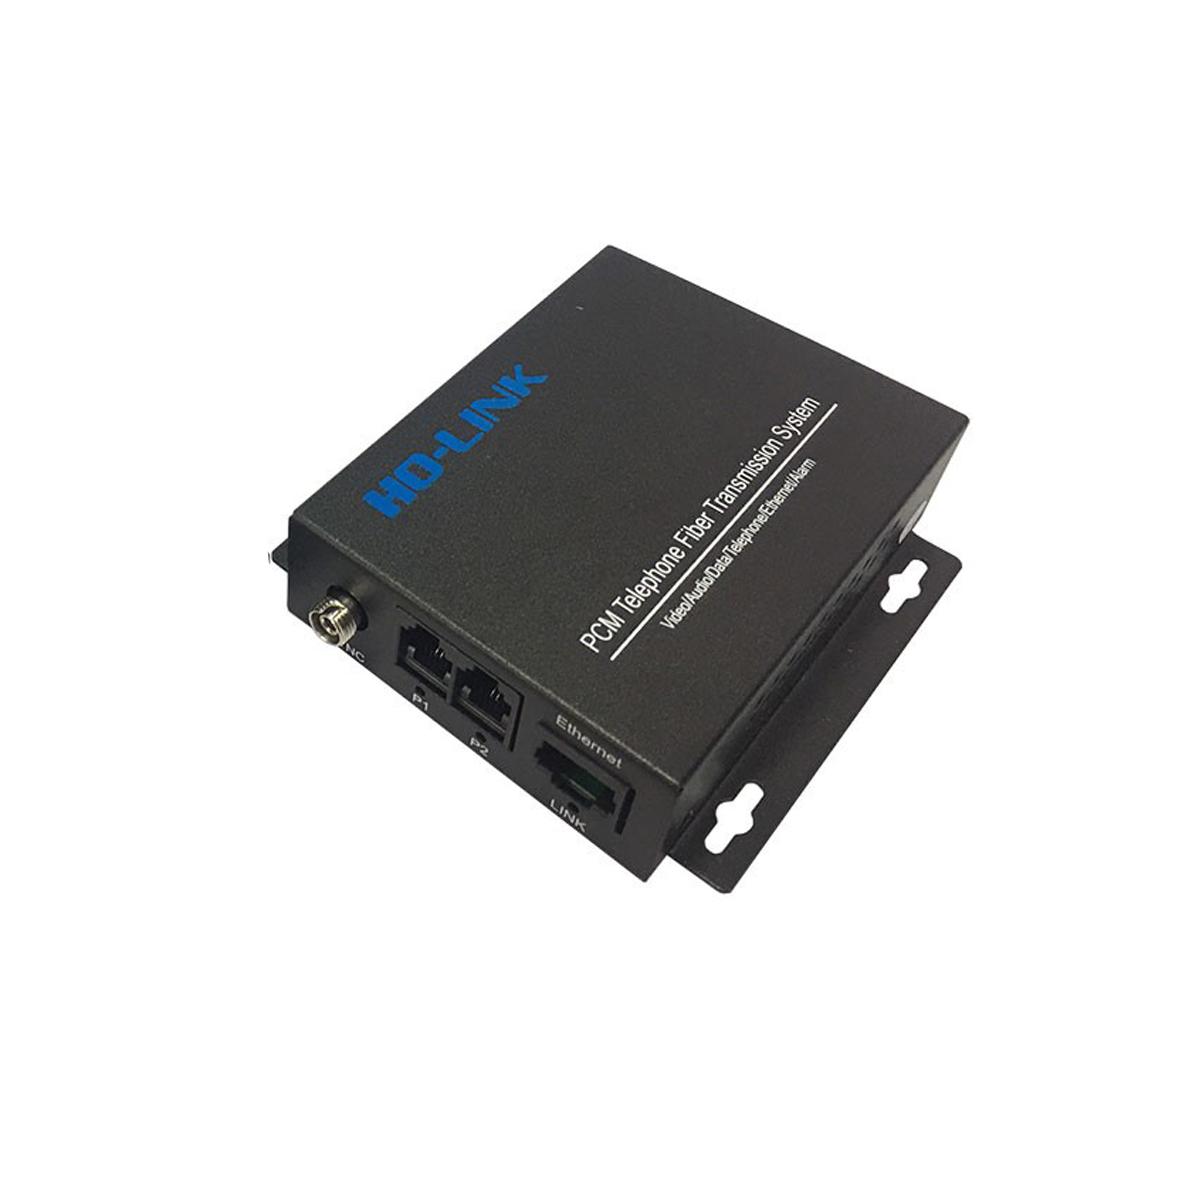 Bộ chuyển đổi quang thoại 2 Kênh J11 kèm 1 cổng LAN ( gồm 2 chiếc,2 adapter) Ho-link HL-2PCM1E-20T/R - Hàng Chính hãng